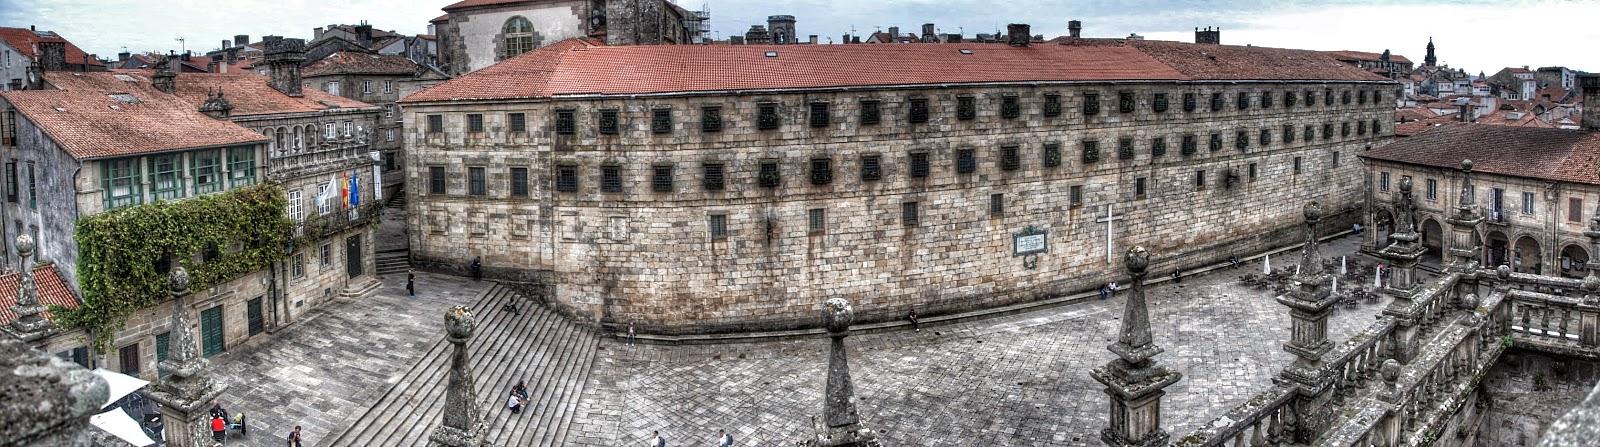 Panorámica de Plaza de la Quintana  desde los tejados de la Catedral de Santiago